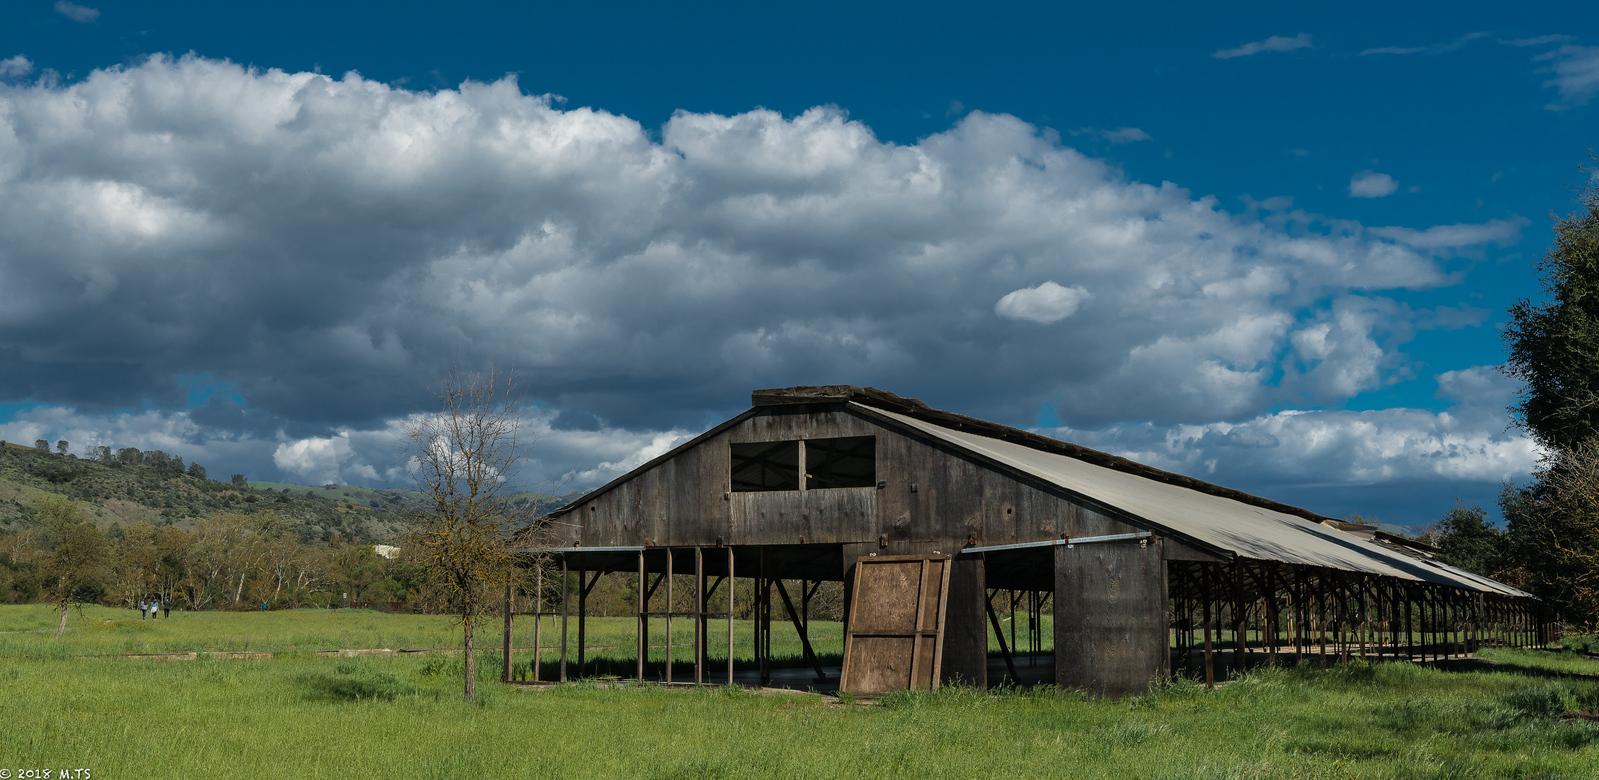 Barn at Coyote Creek Bike Trail